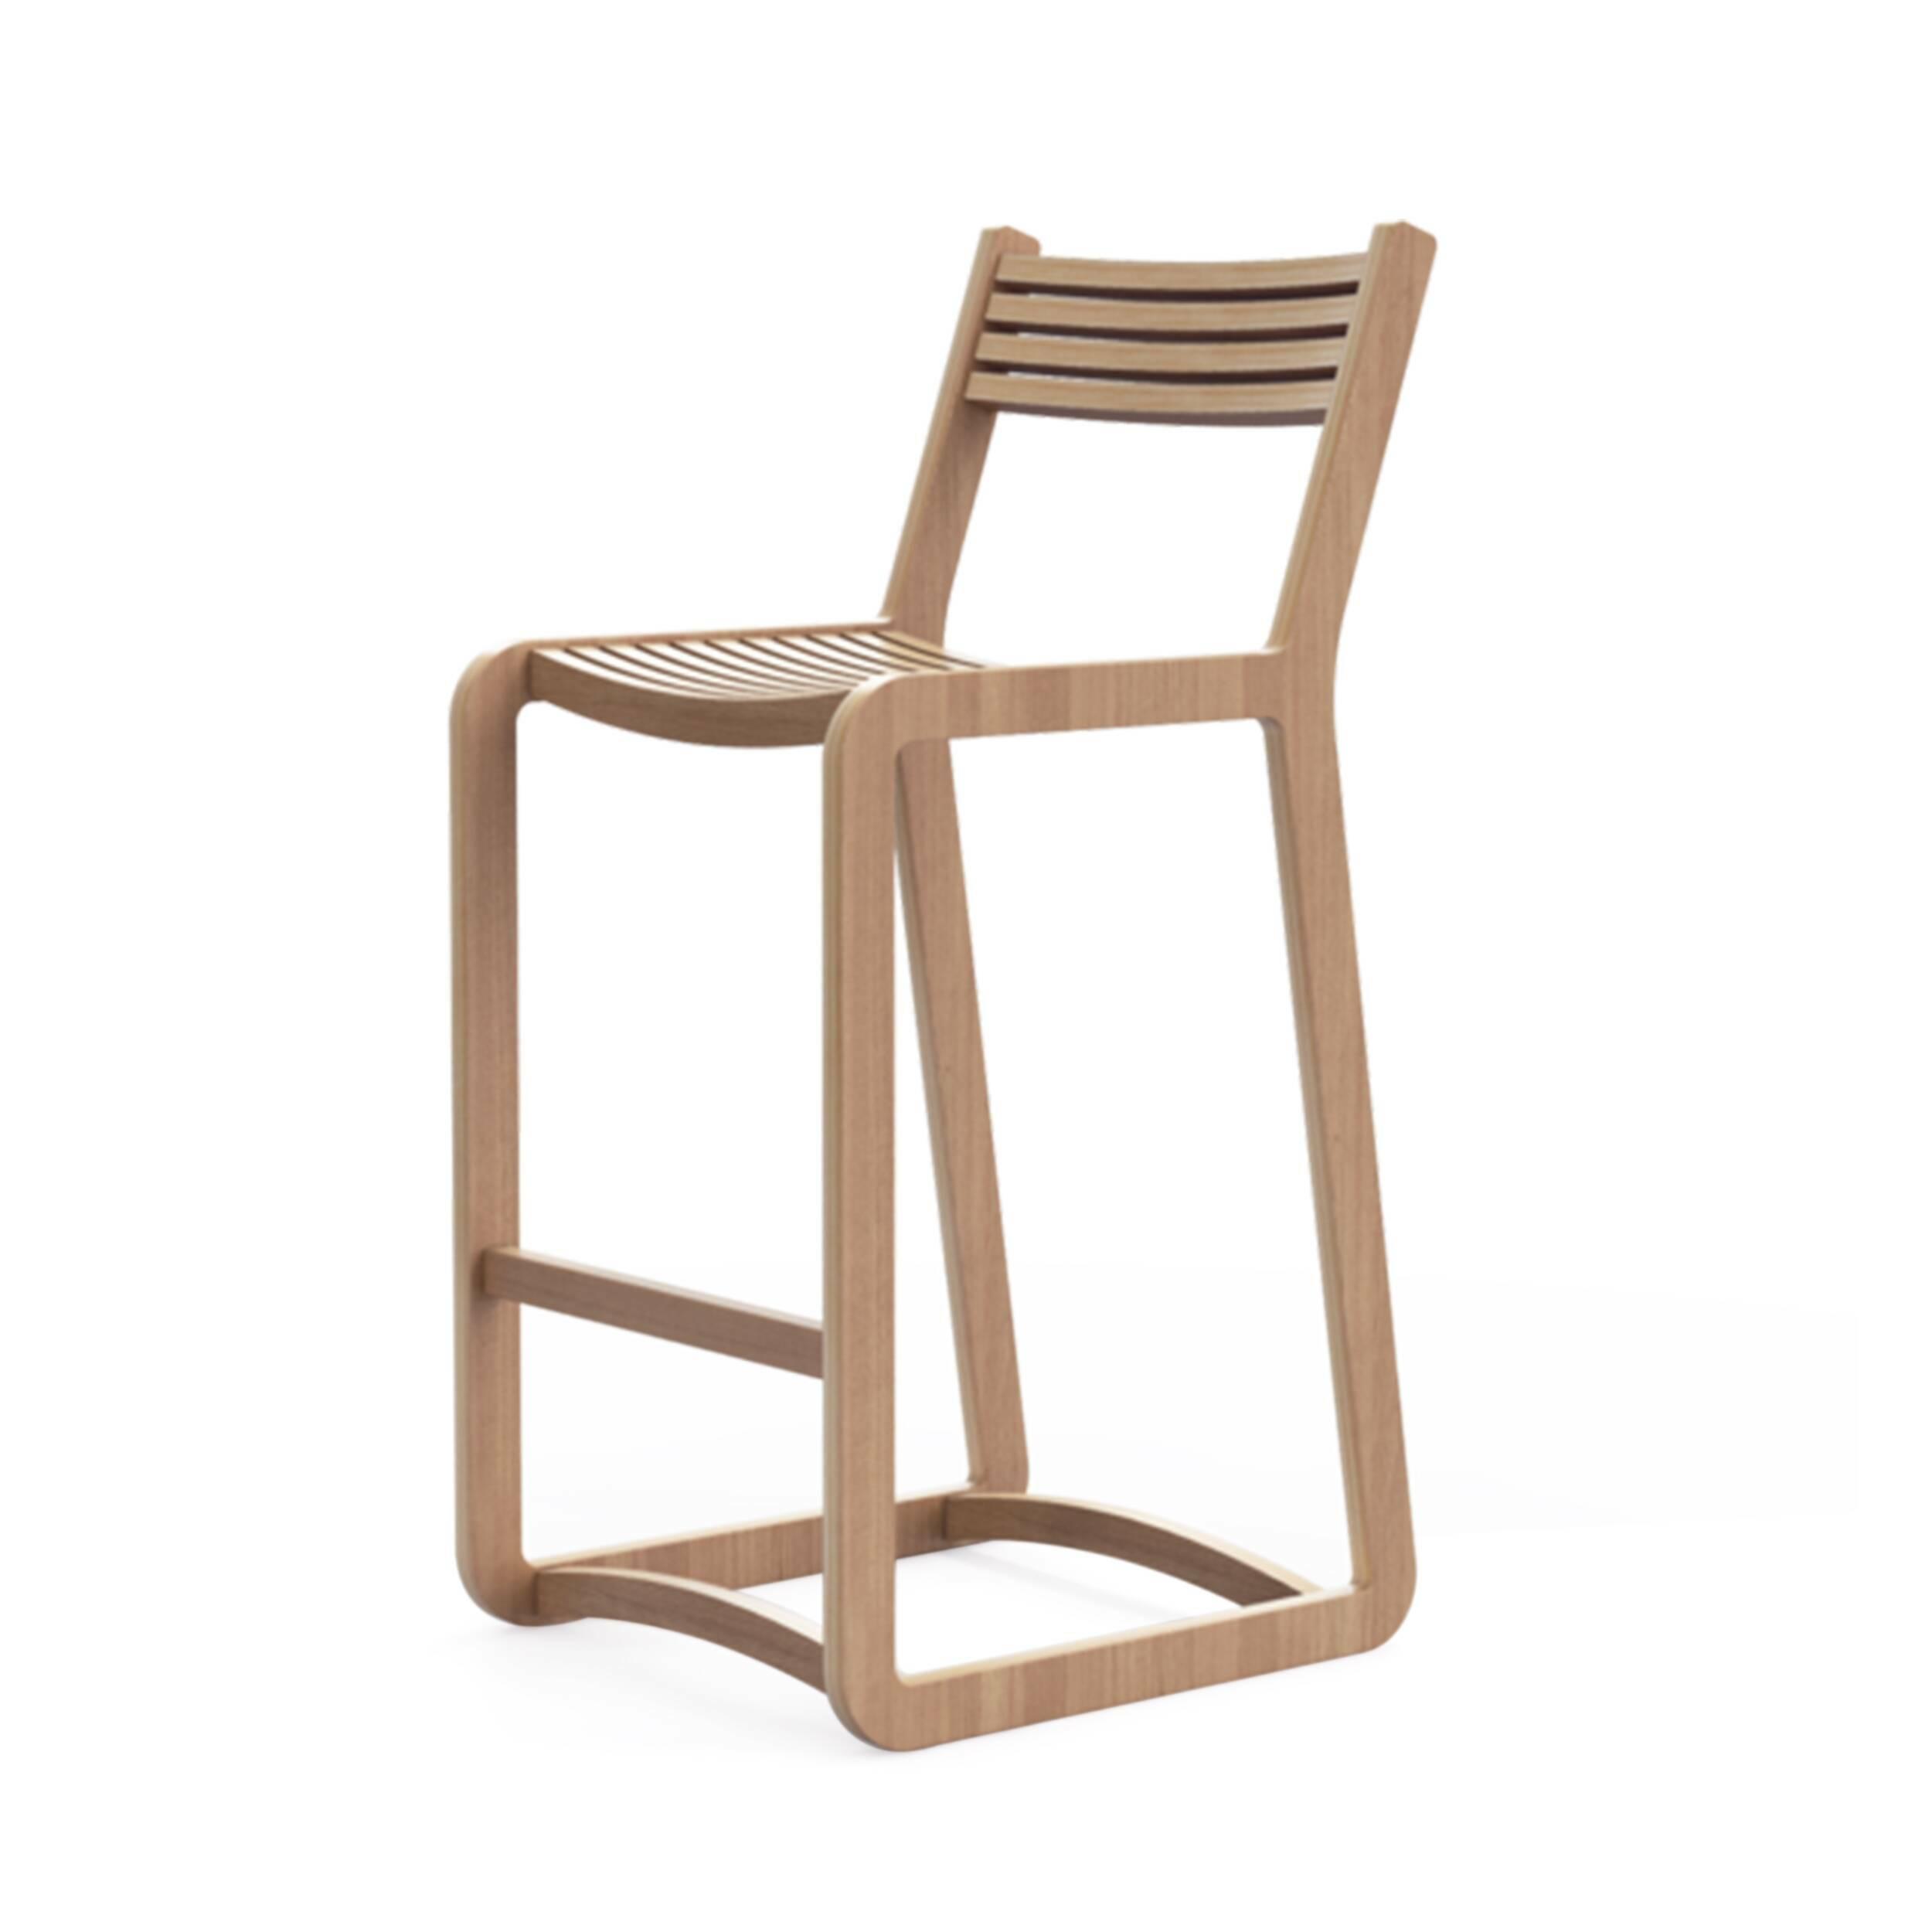 Барный стул DegerforsБарные<br>Дизайнерский коричневый барный стул Degerfors (Дегерфорс) из фанеры от Unika Moblar (Юника Моблар). <br>Dagerfors — небольшой модельный ряд мебели для жизни, состоящий из стульев, выполненных в одной стилистике. В каждой детали изделий узнается популярный среди динамичных и целеустремленных европейцев скандинавский стиль. Как и прочая продукция бренда, Dagerfors отличаются отличным качеством и лаконичностью. К ним невозможно придраться — в них читается пристальный контроль дизайнеров и производ...<br><br>stock: 0<br>Высота: 92<br>Ширина: 41<br>Глубина: 50<br>Материал каркаса: Фанера, шпон дуба<br>Тип материала каркаса: Фанера<br>Цвет каркаса: Дуб